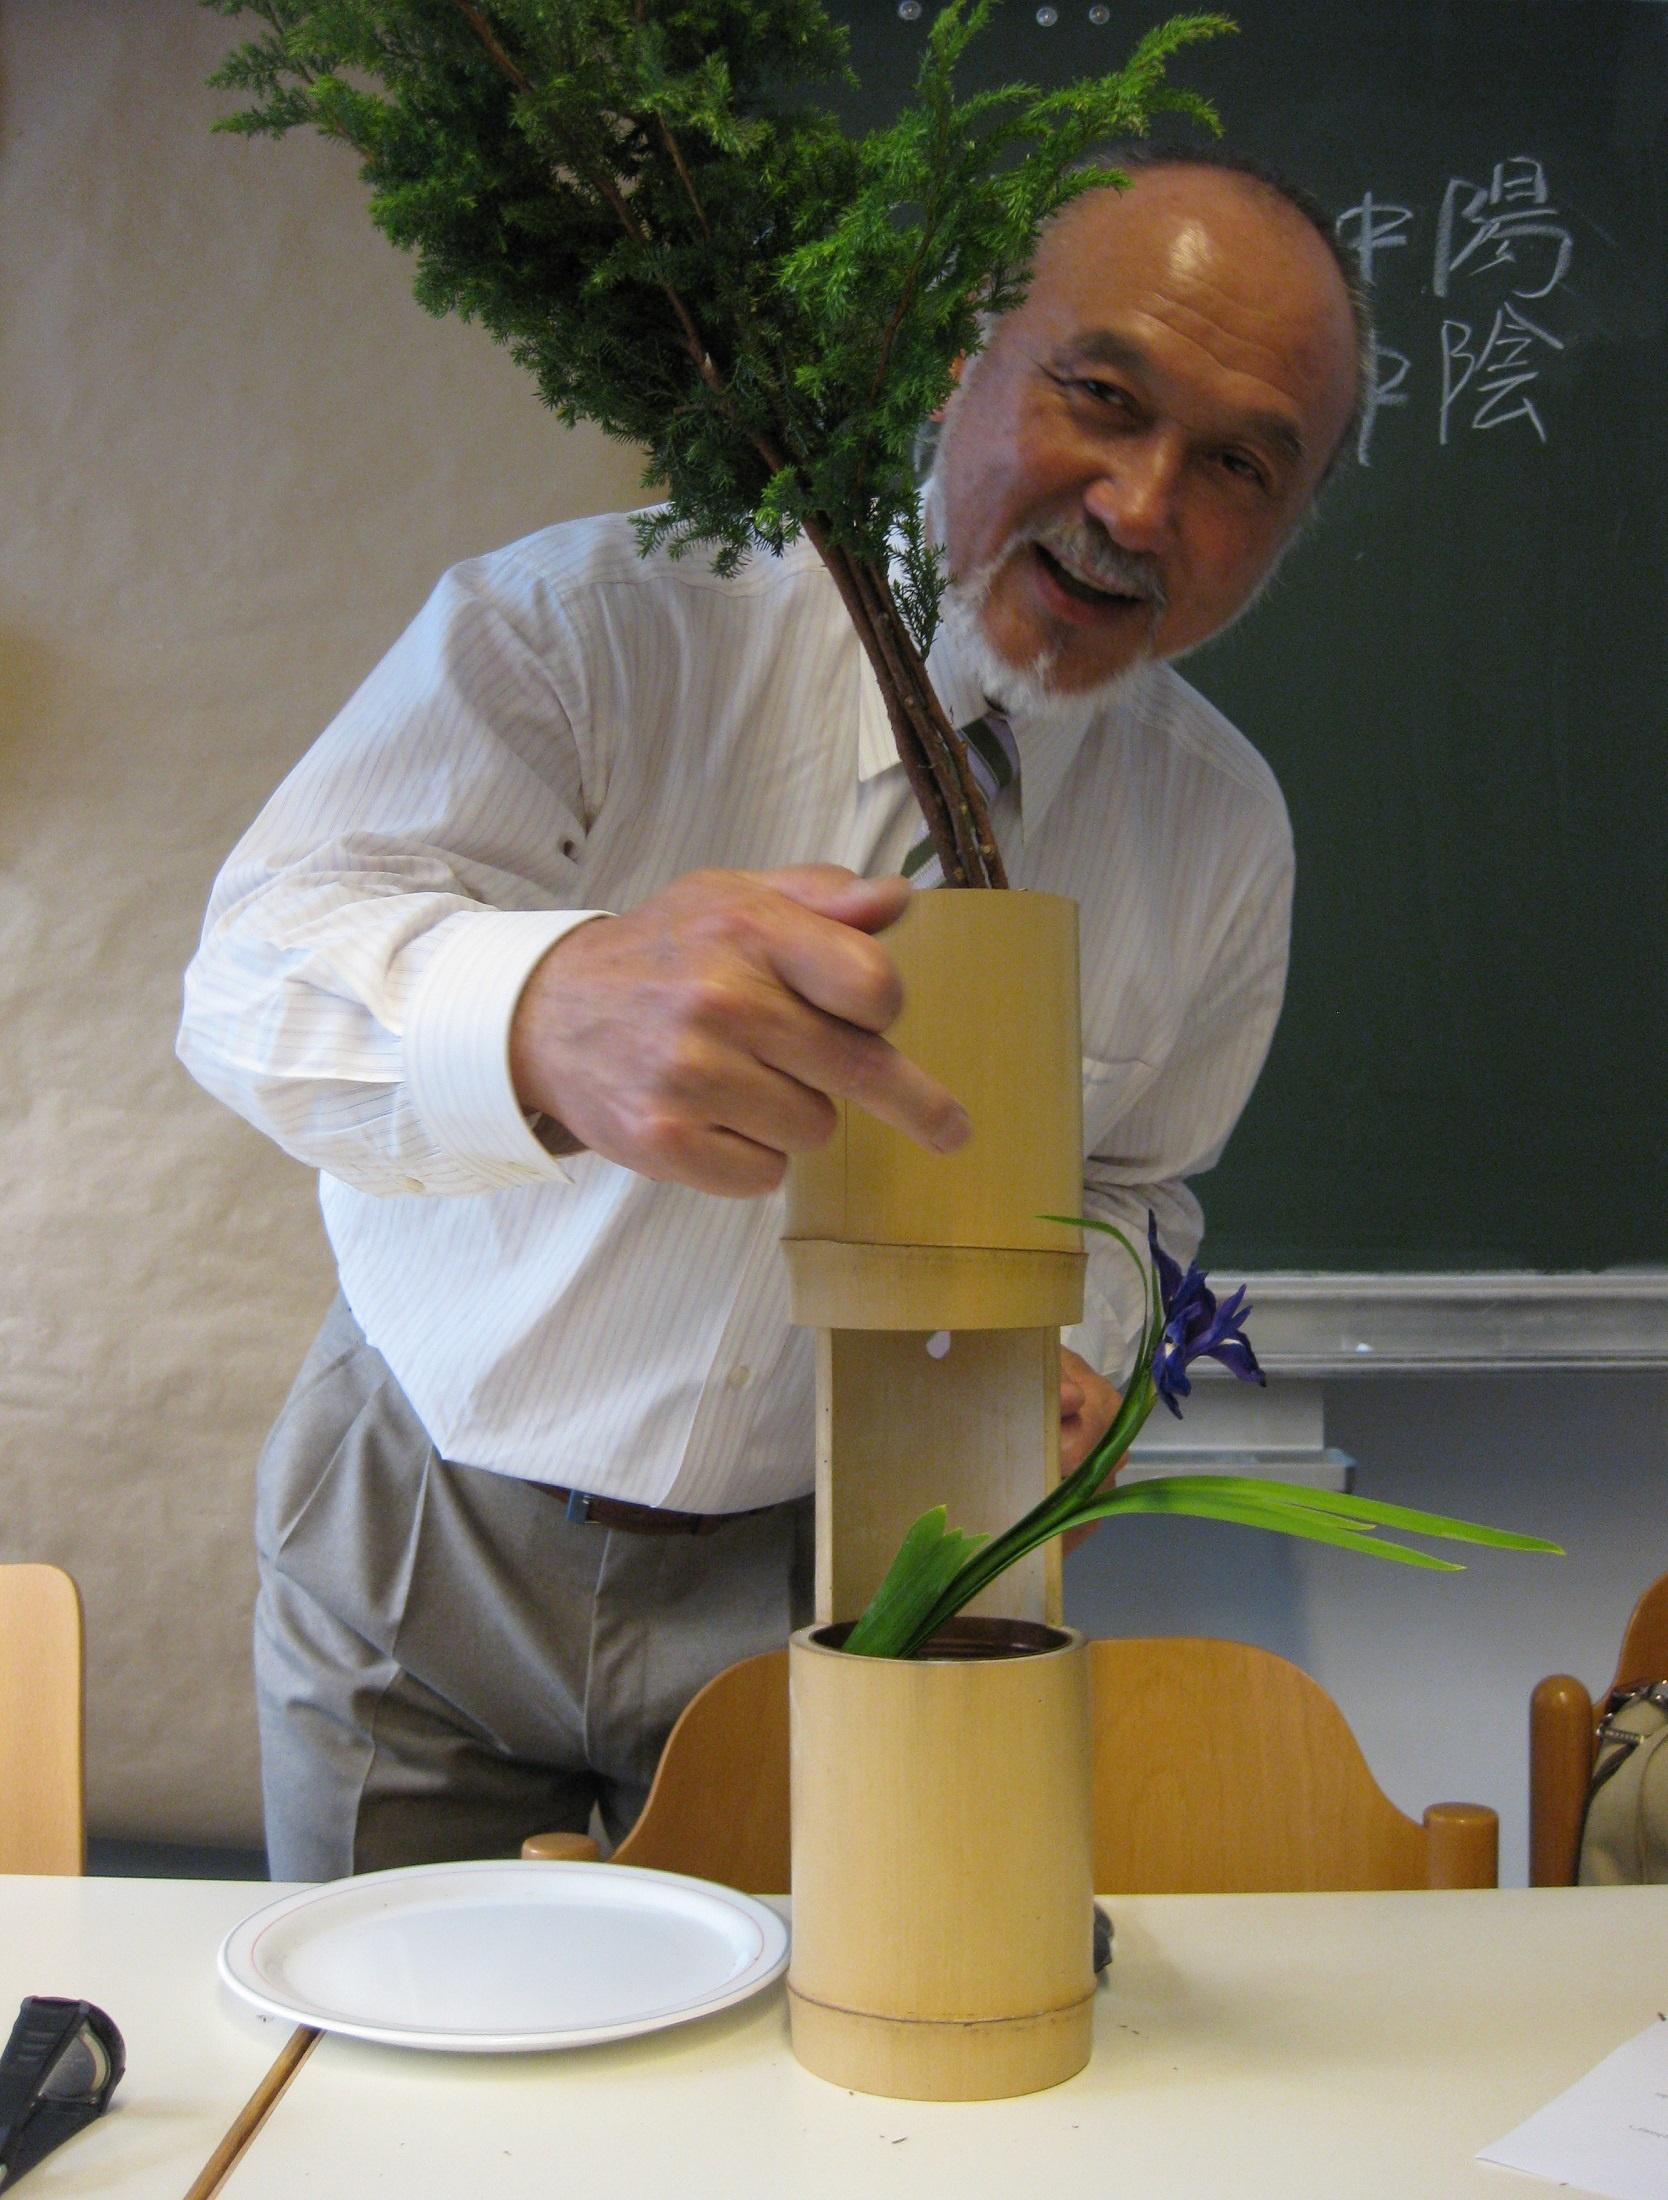 Ikebana-Demonstration der Mishō-Schule an der Wiener Universität